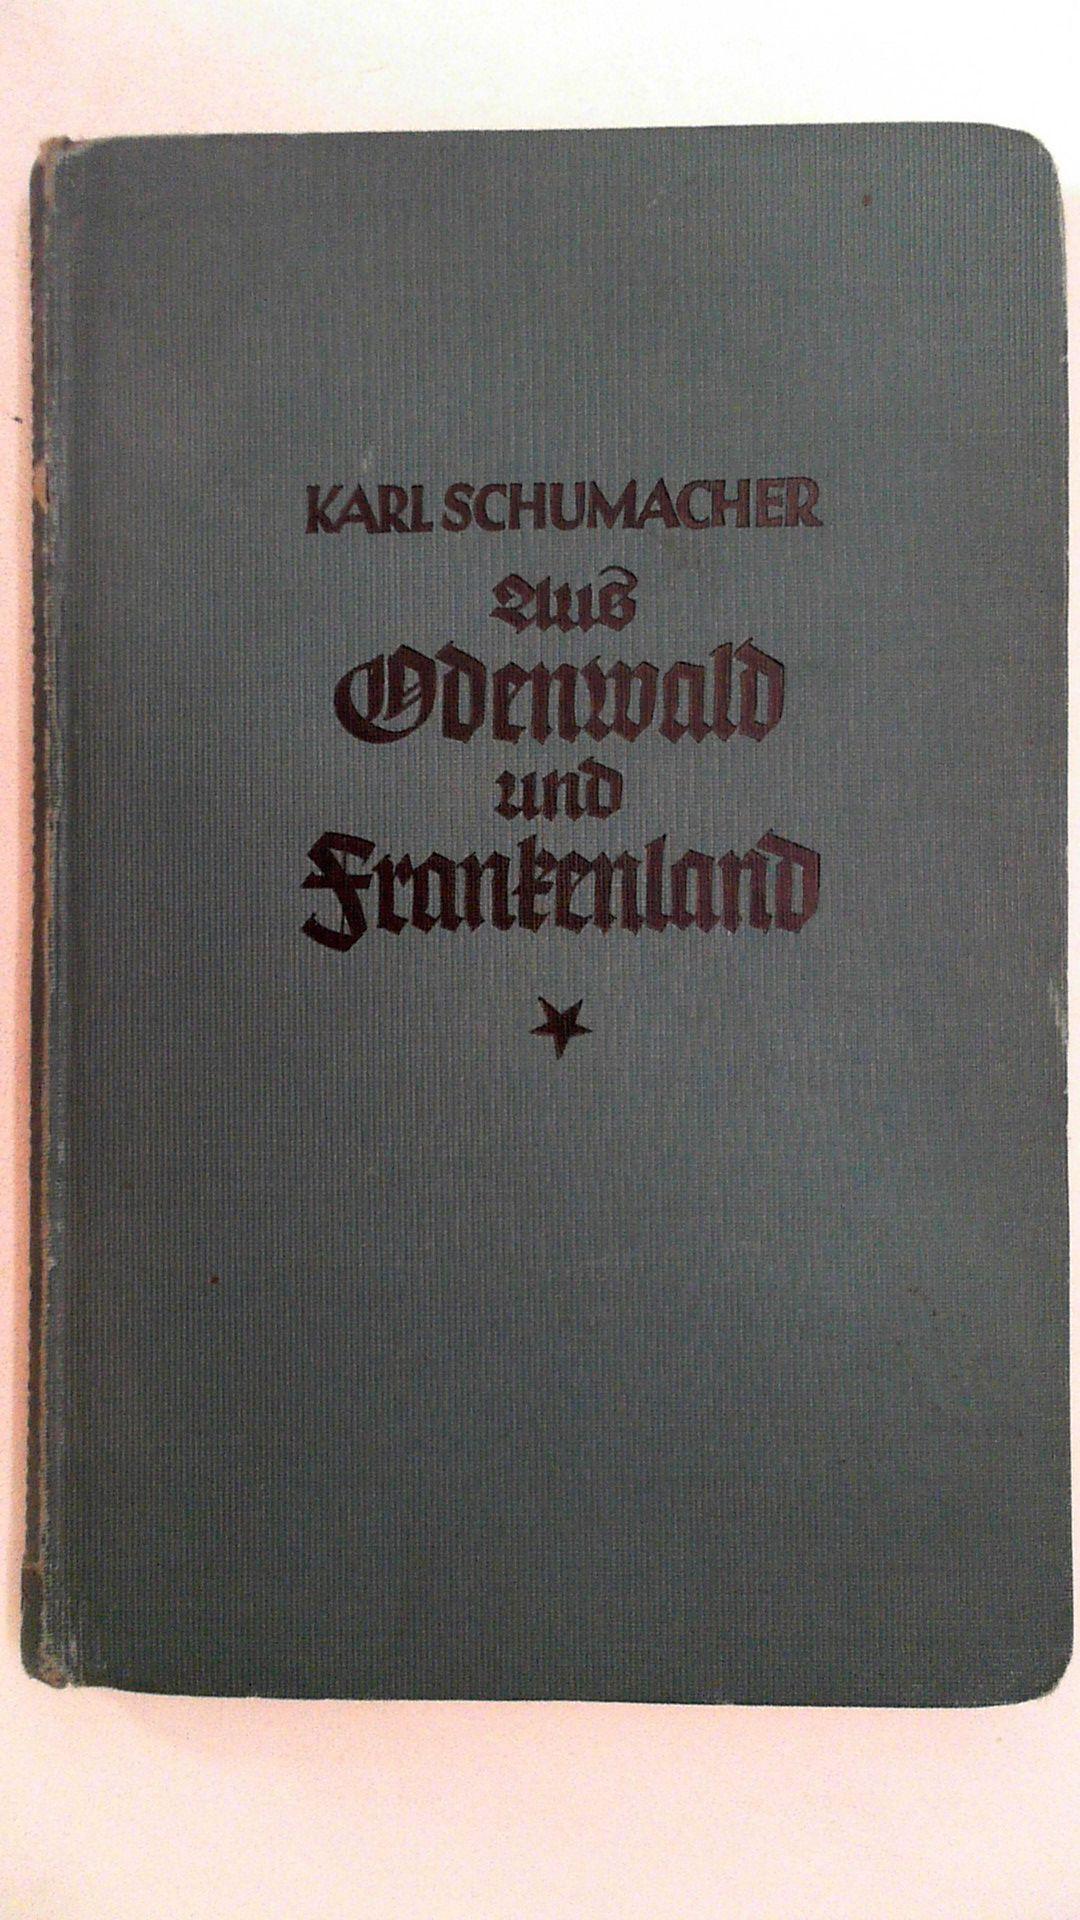 Aus Odenwald und Frankenland. Studienfahrten und Sonnentage: Schumacher, Karl: